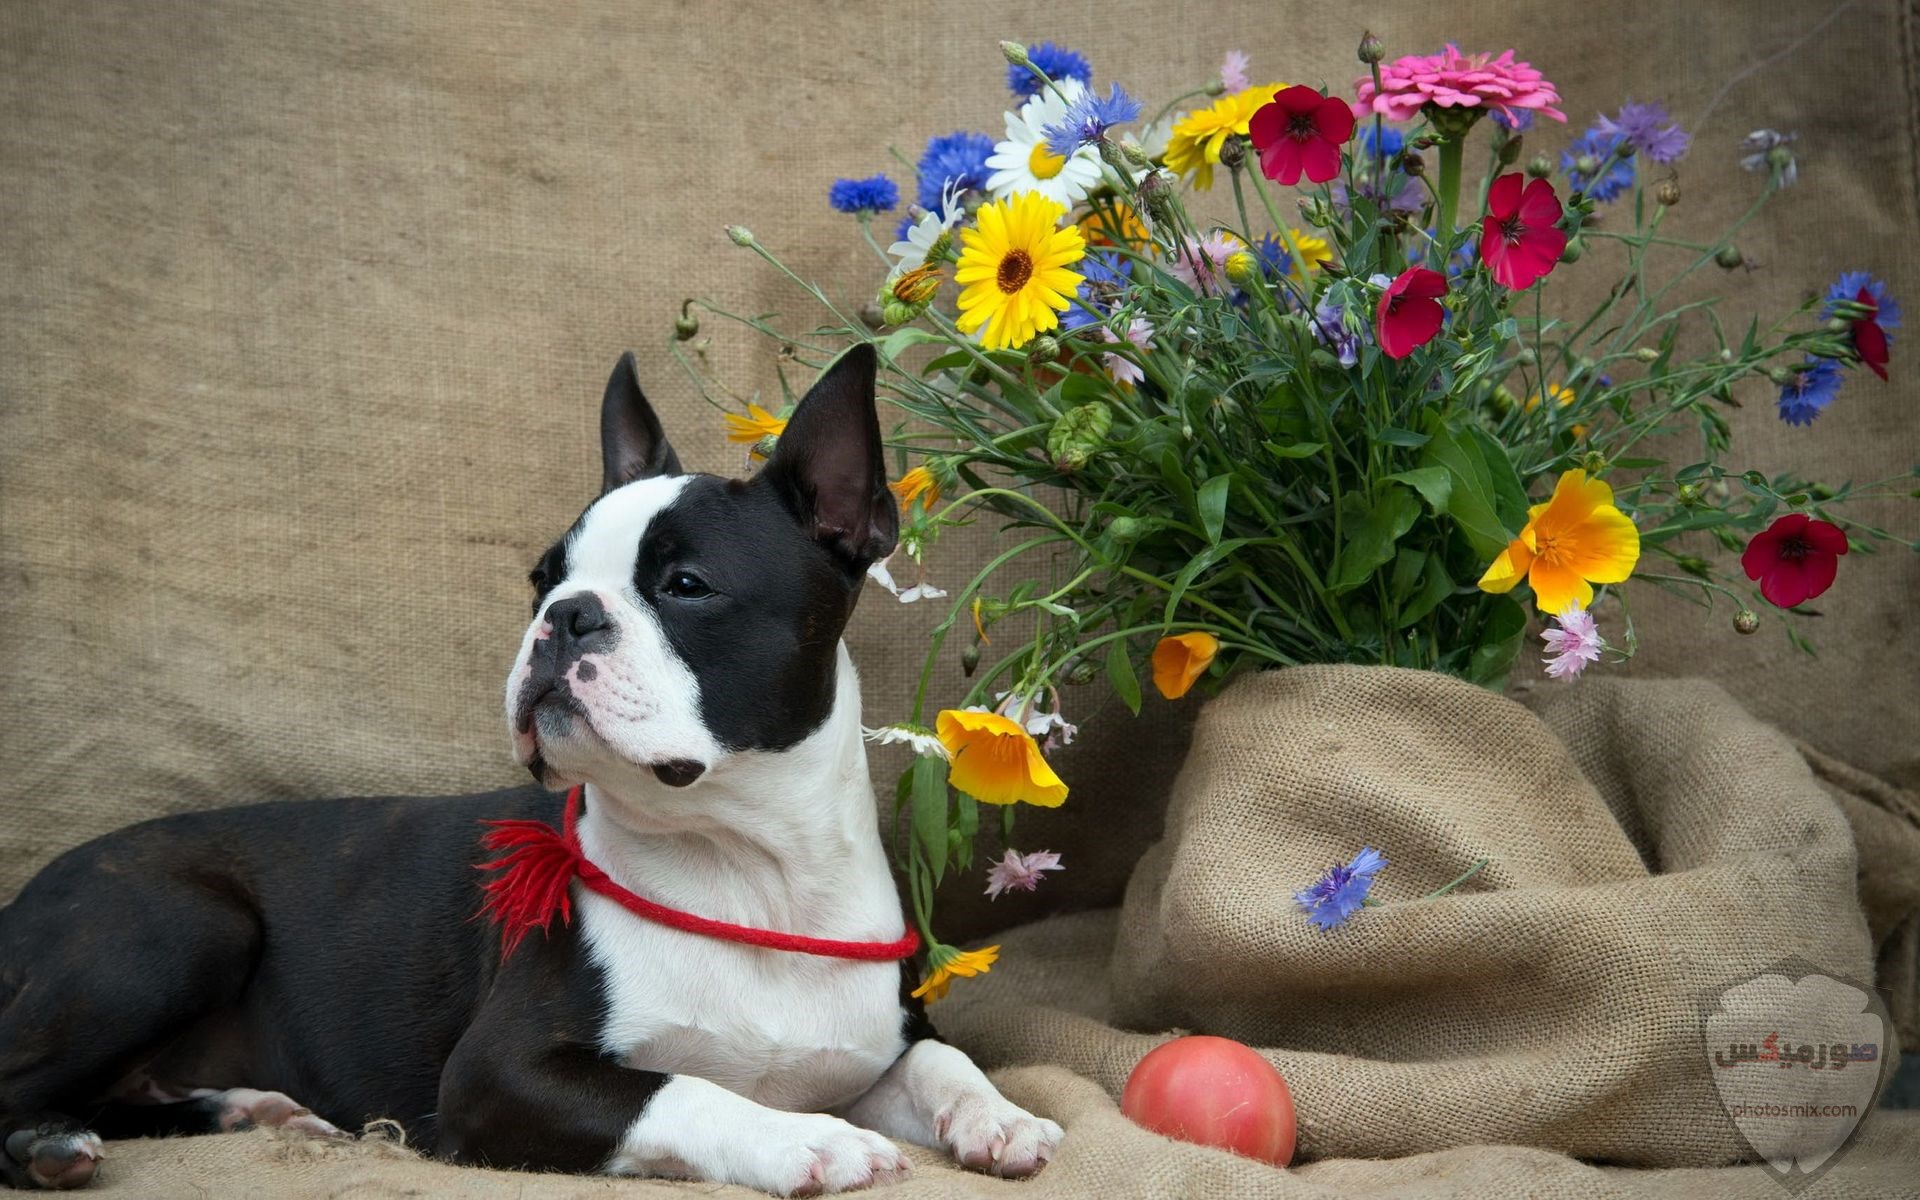 صور رمزيات خلفيات كلاب كيوت صورة كلب كيوت جدا 12